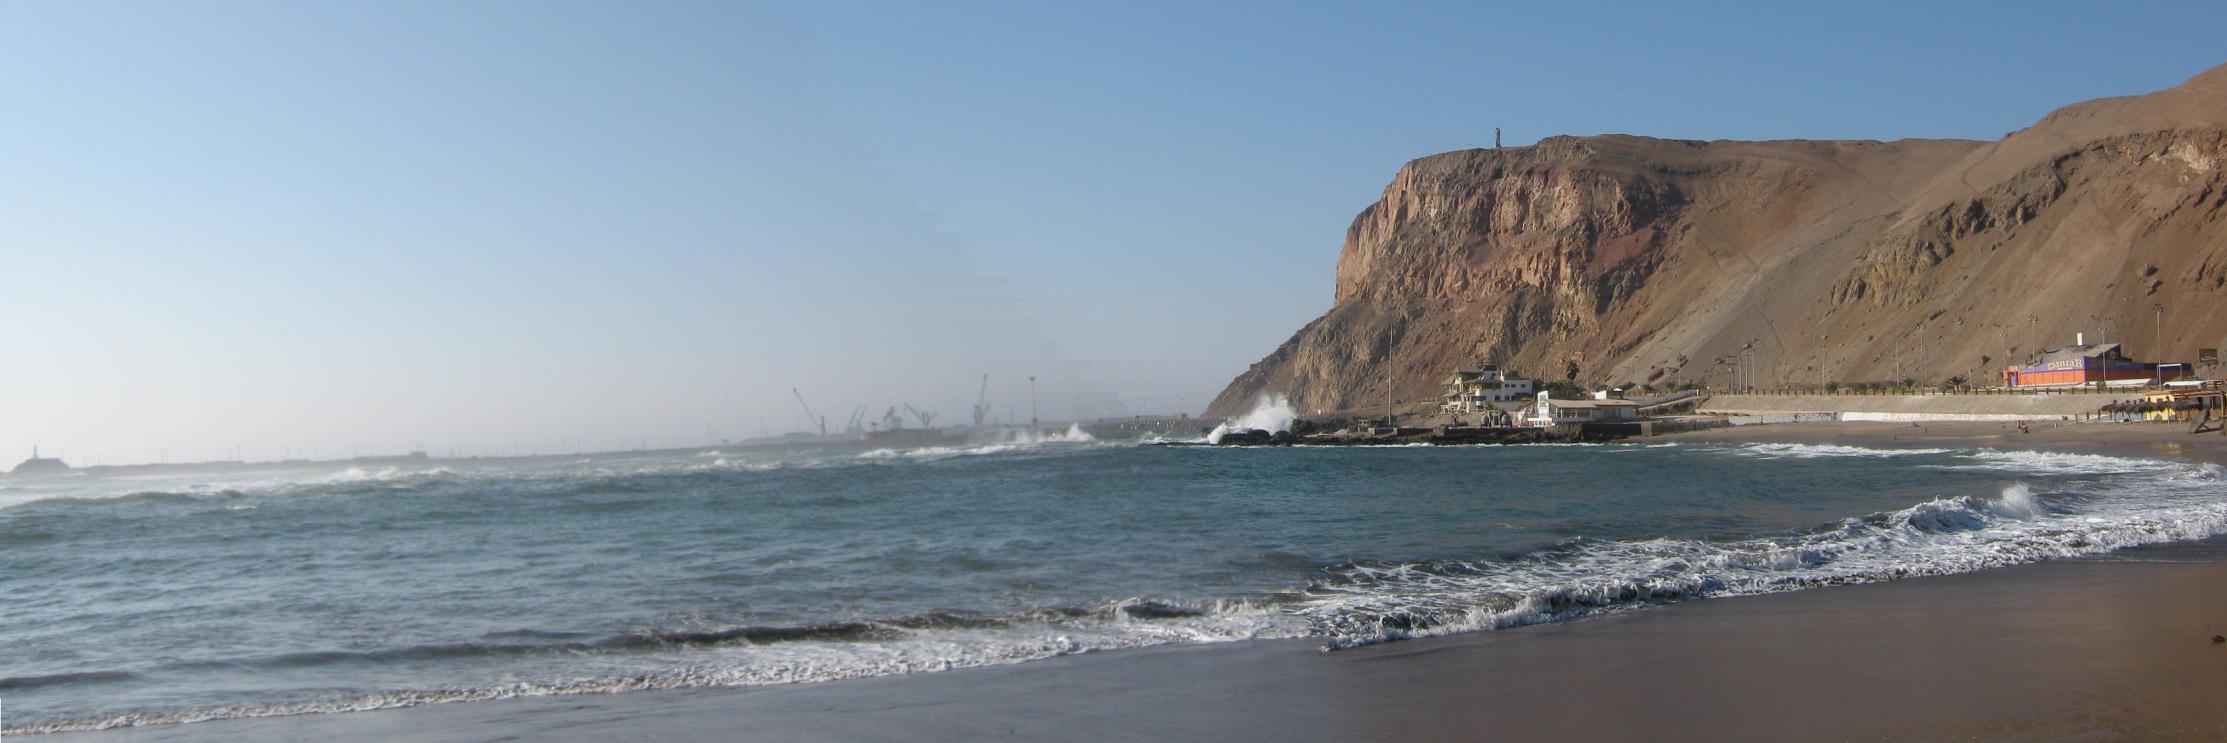 018-019-playa-Laucho-c-cerro-Morro-panorama